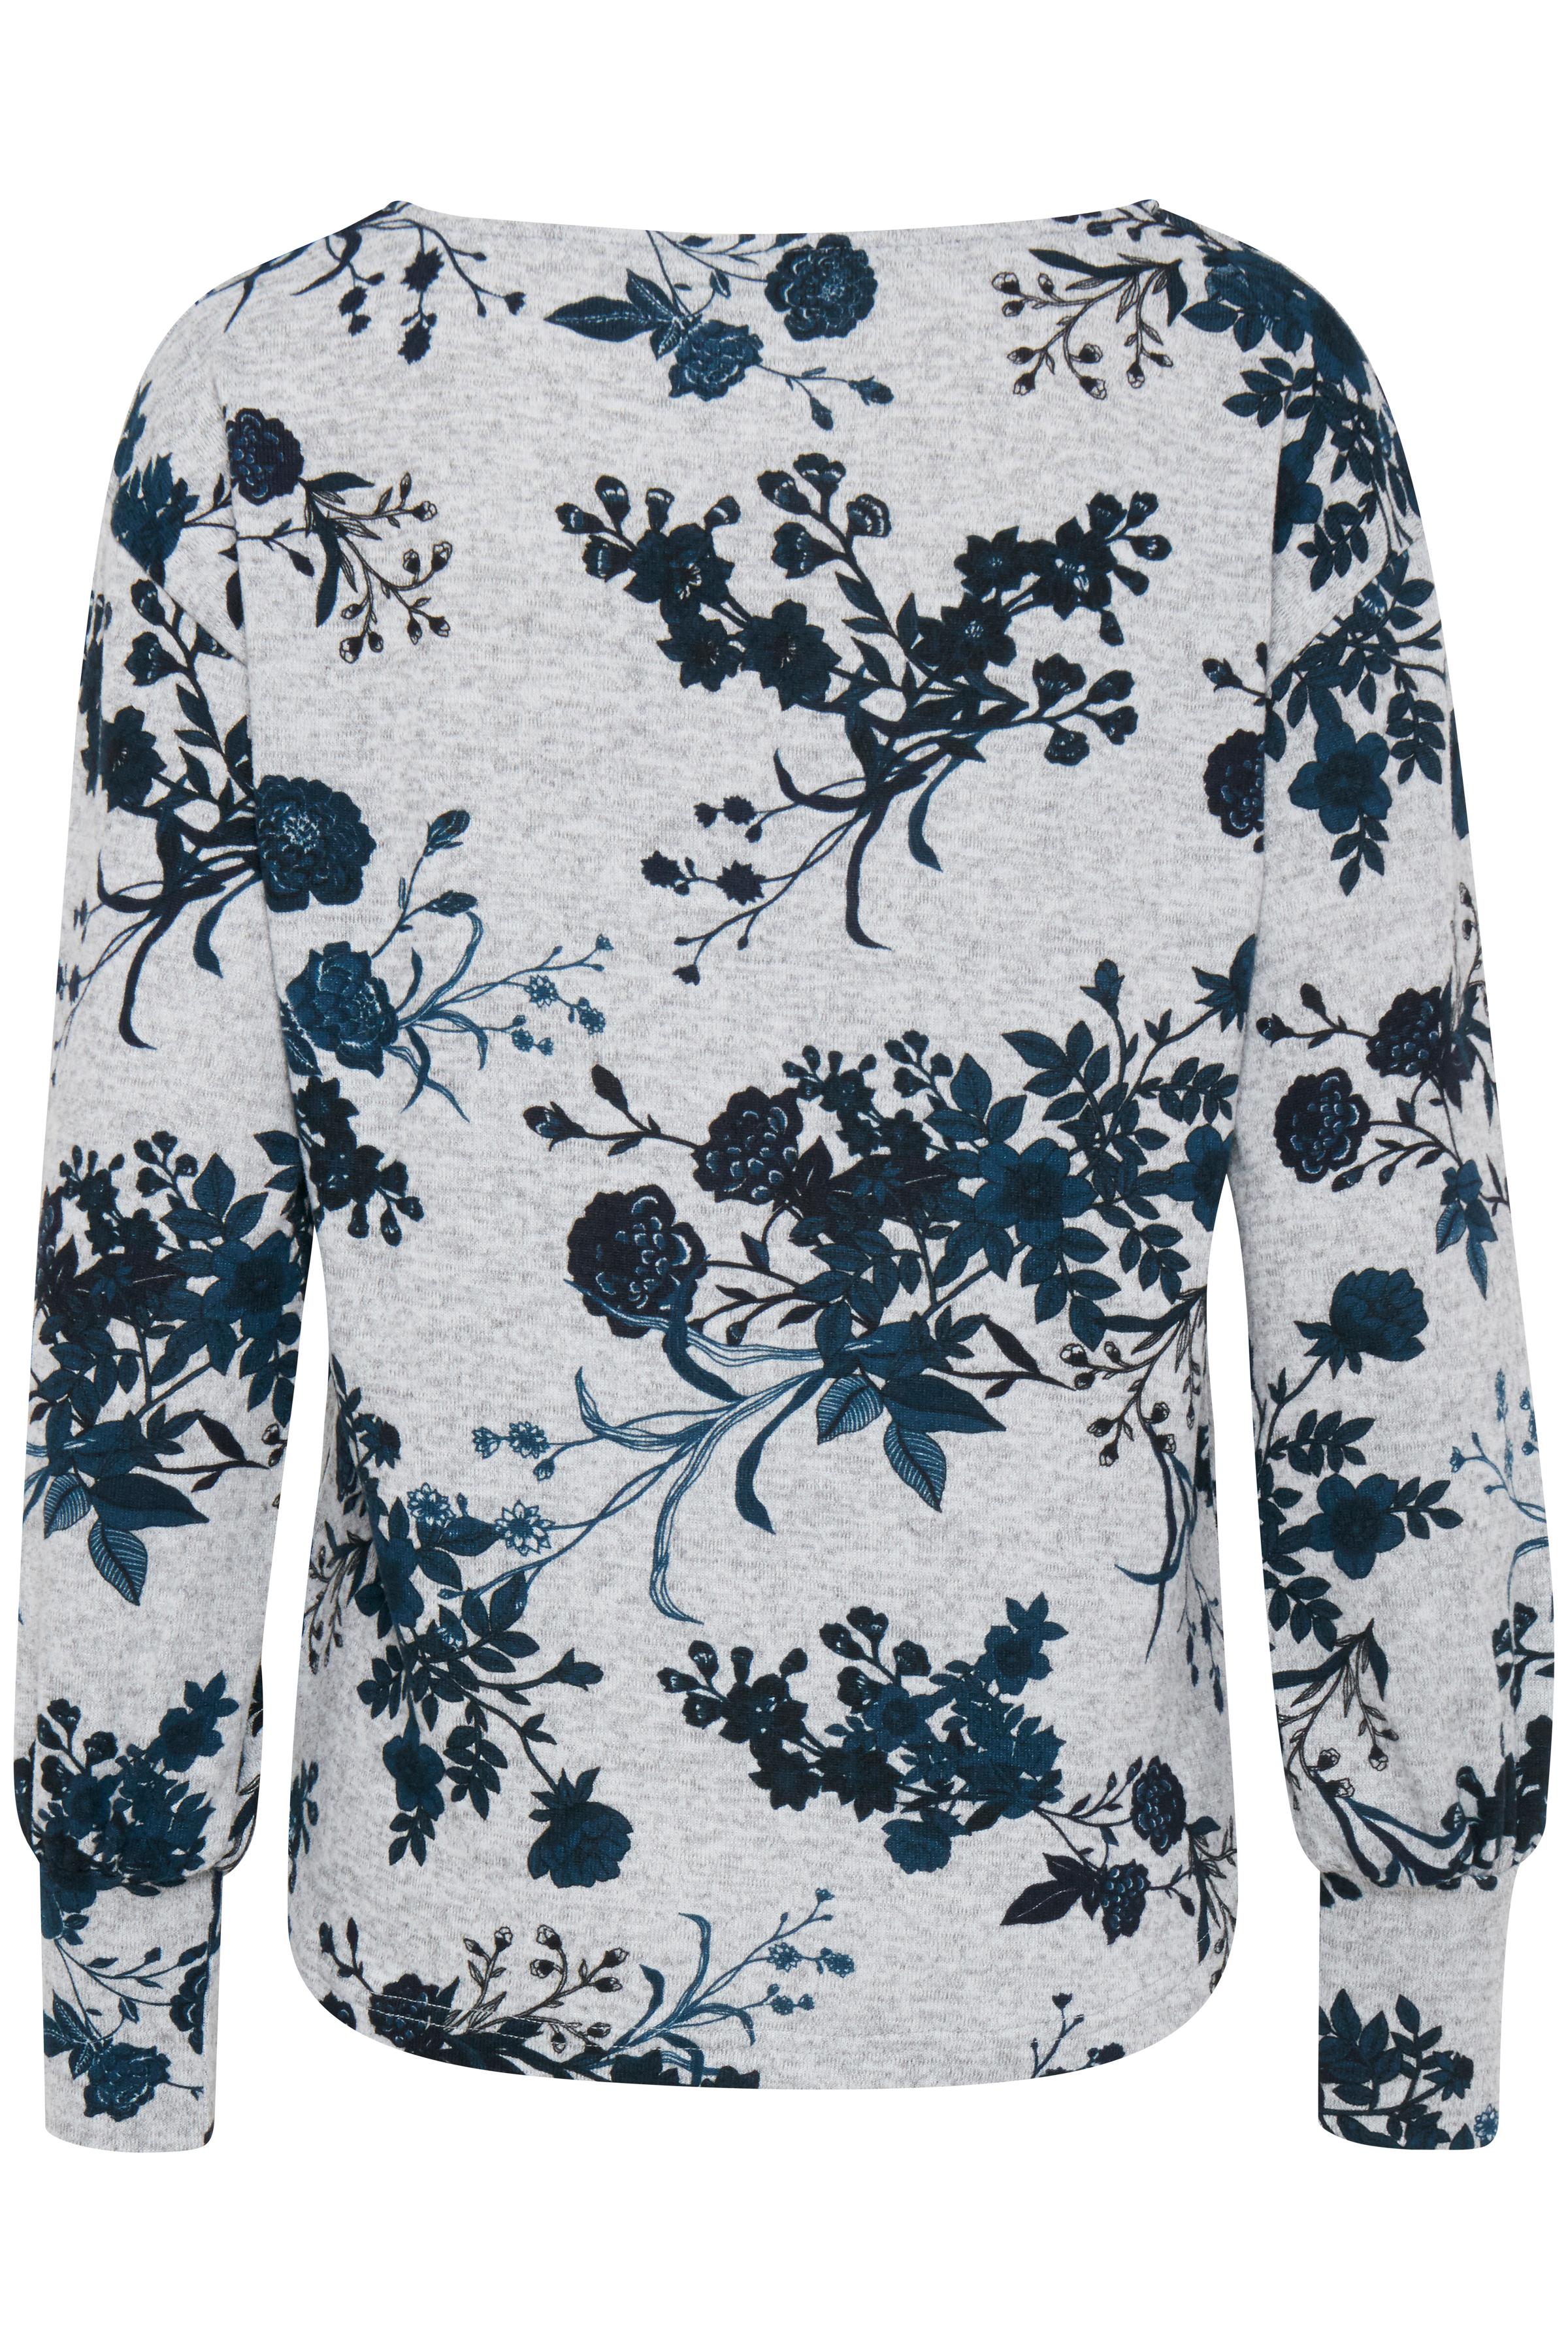 Teal combi 1 Langærmet bluse fra b.young – Køb Teal combi 1 Langærmet bluse fra str. XS-XXL her